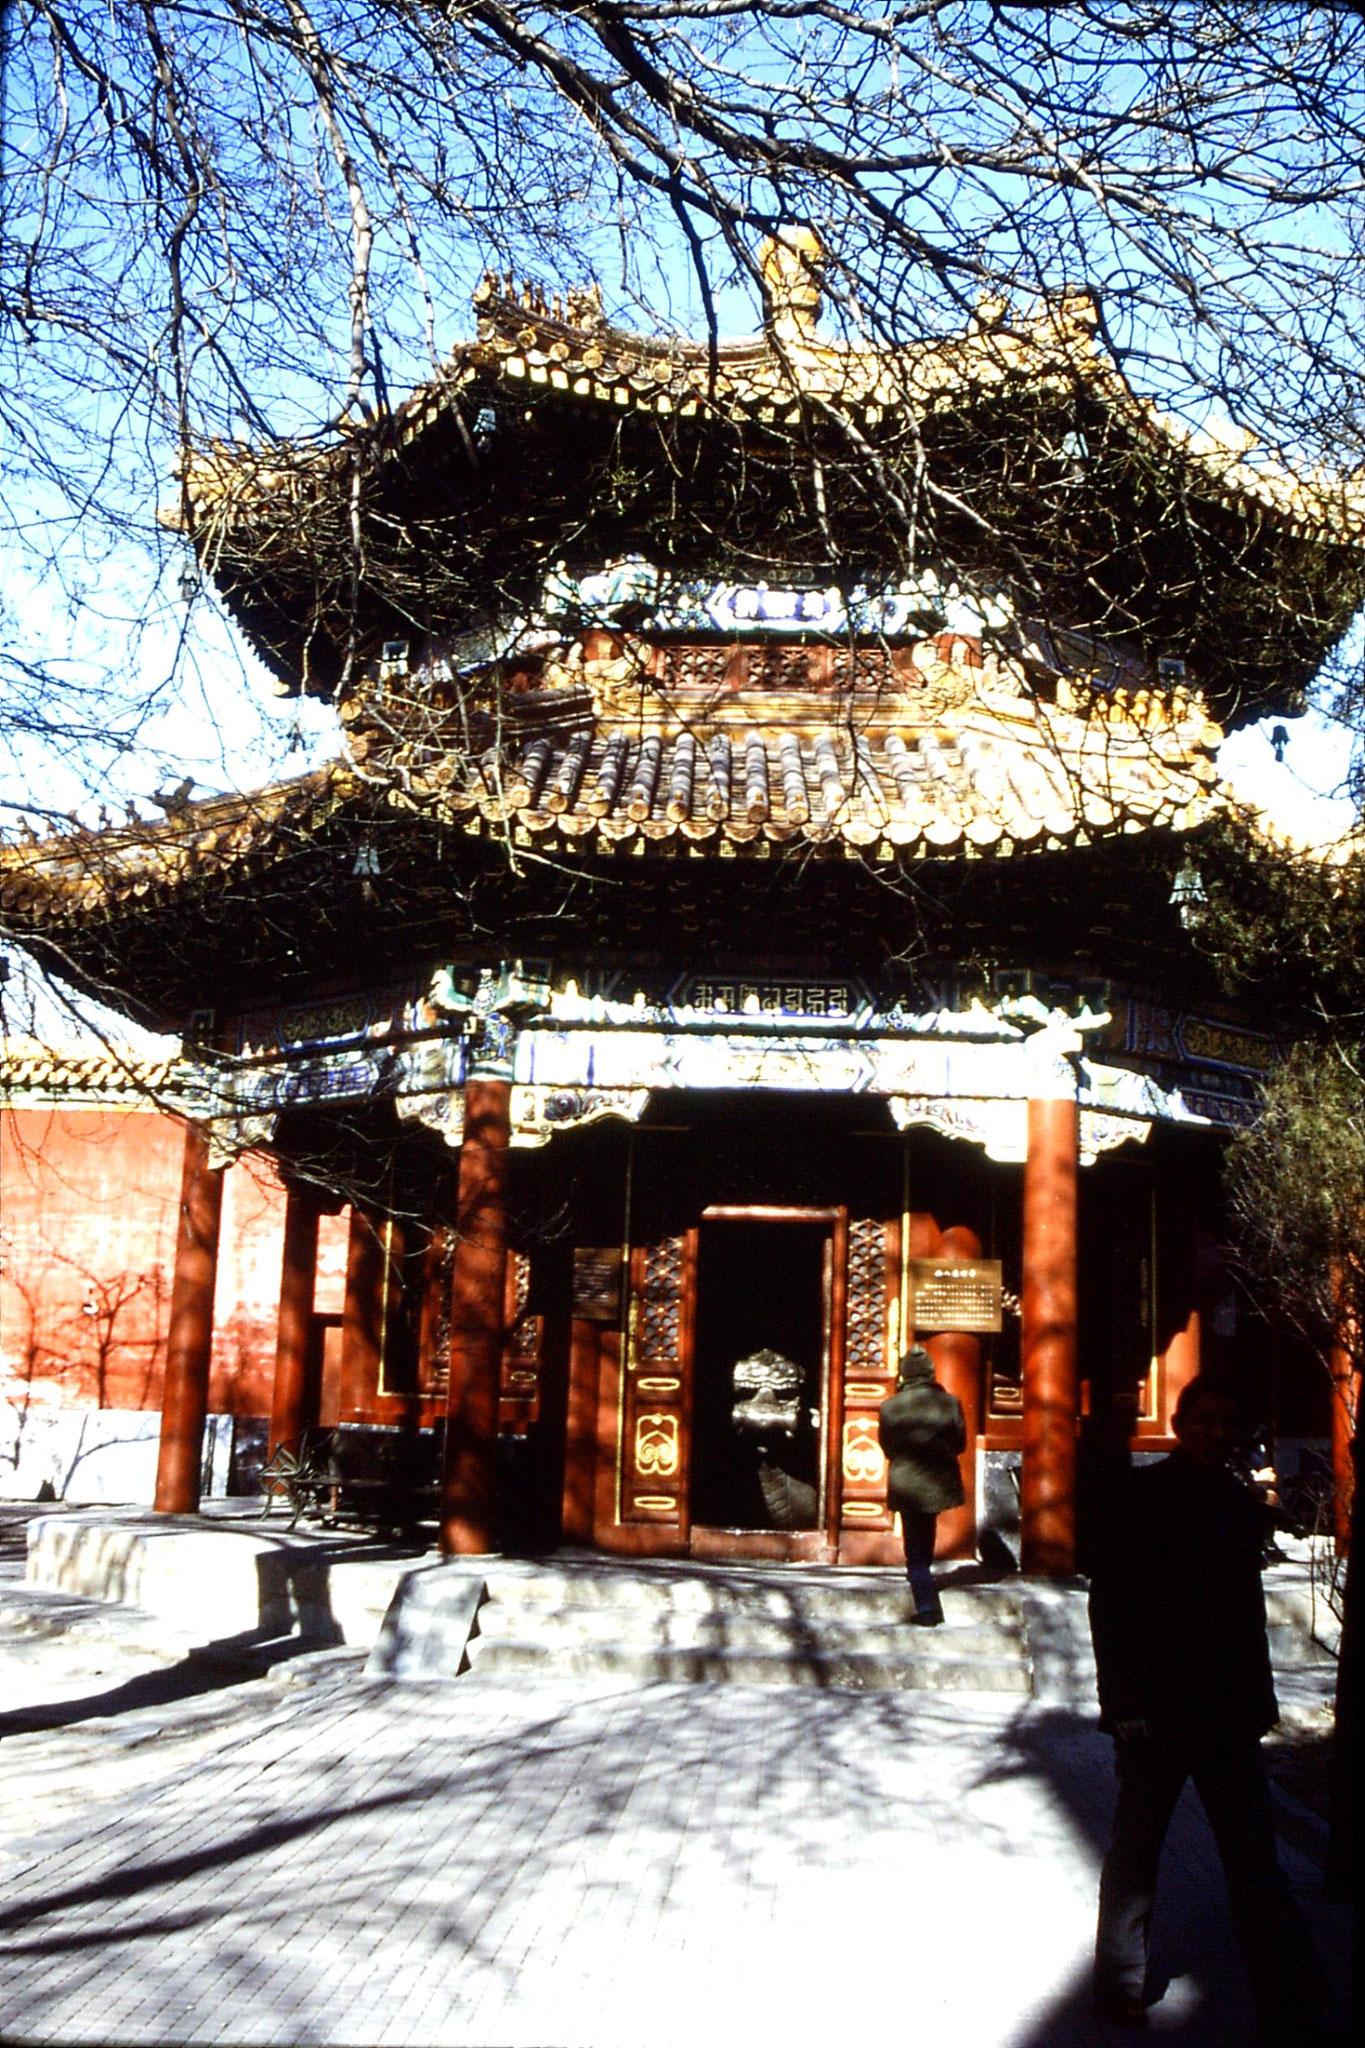 4/12/1988: 3: Beijing Yong He temple